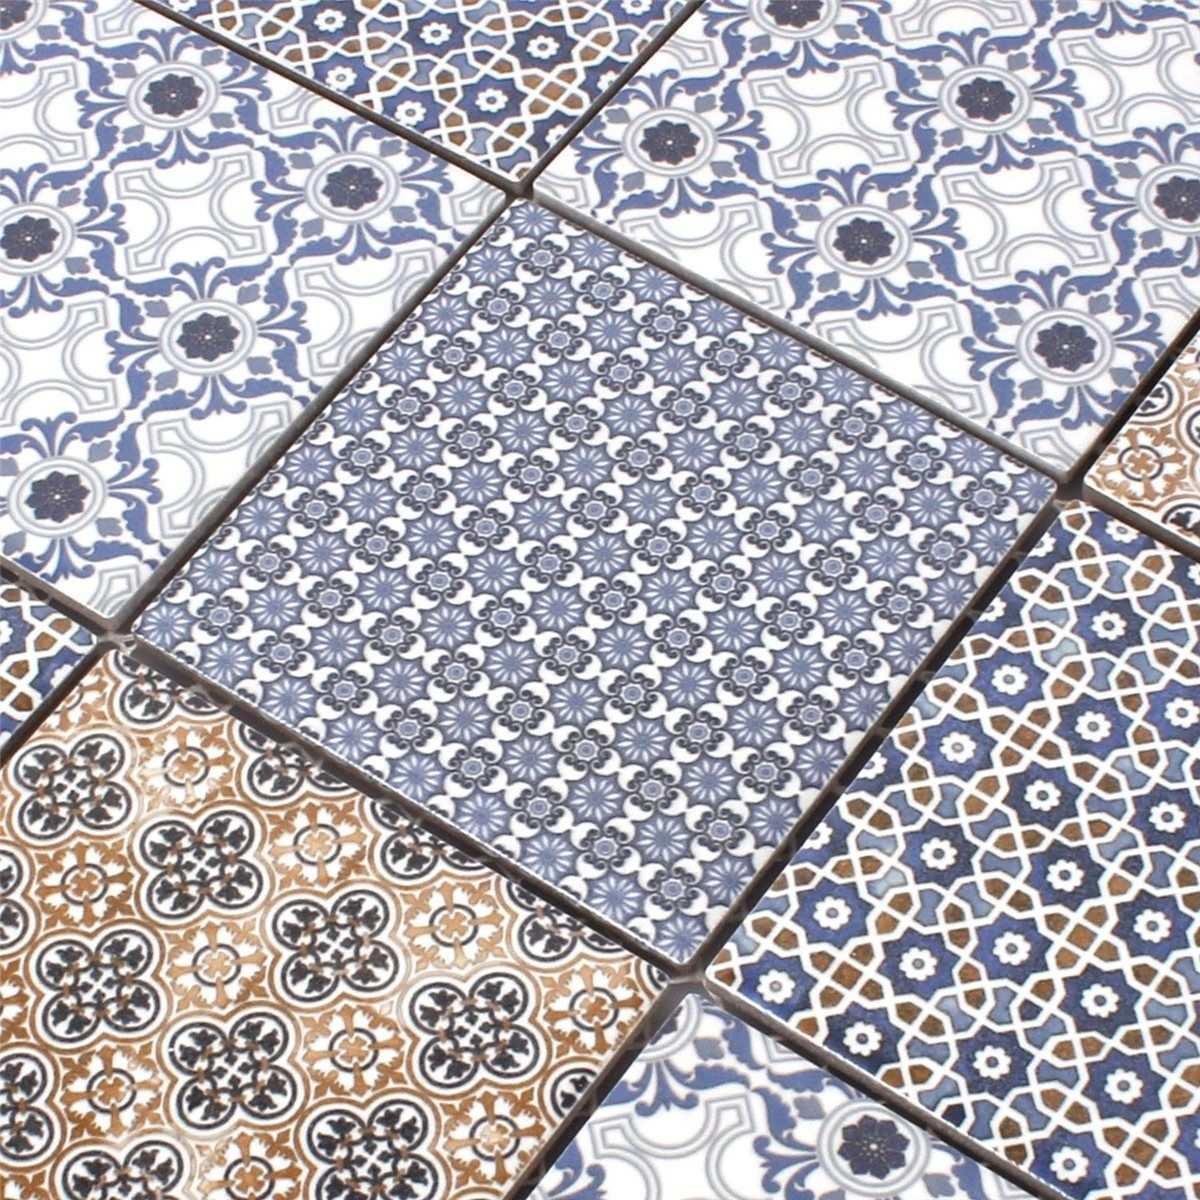 Keramik Mosaik Fliesen Zement Optik Classico Mosaikfliesen Fliesen Fliesen Reinigen